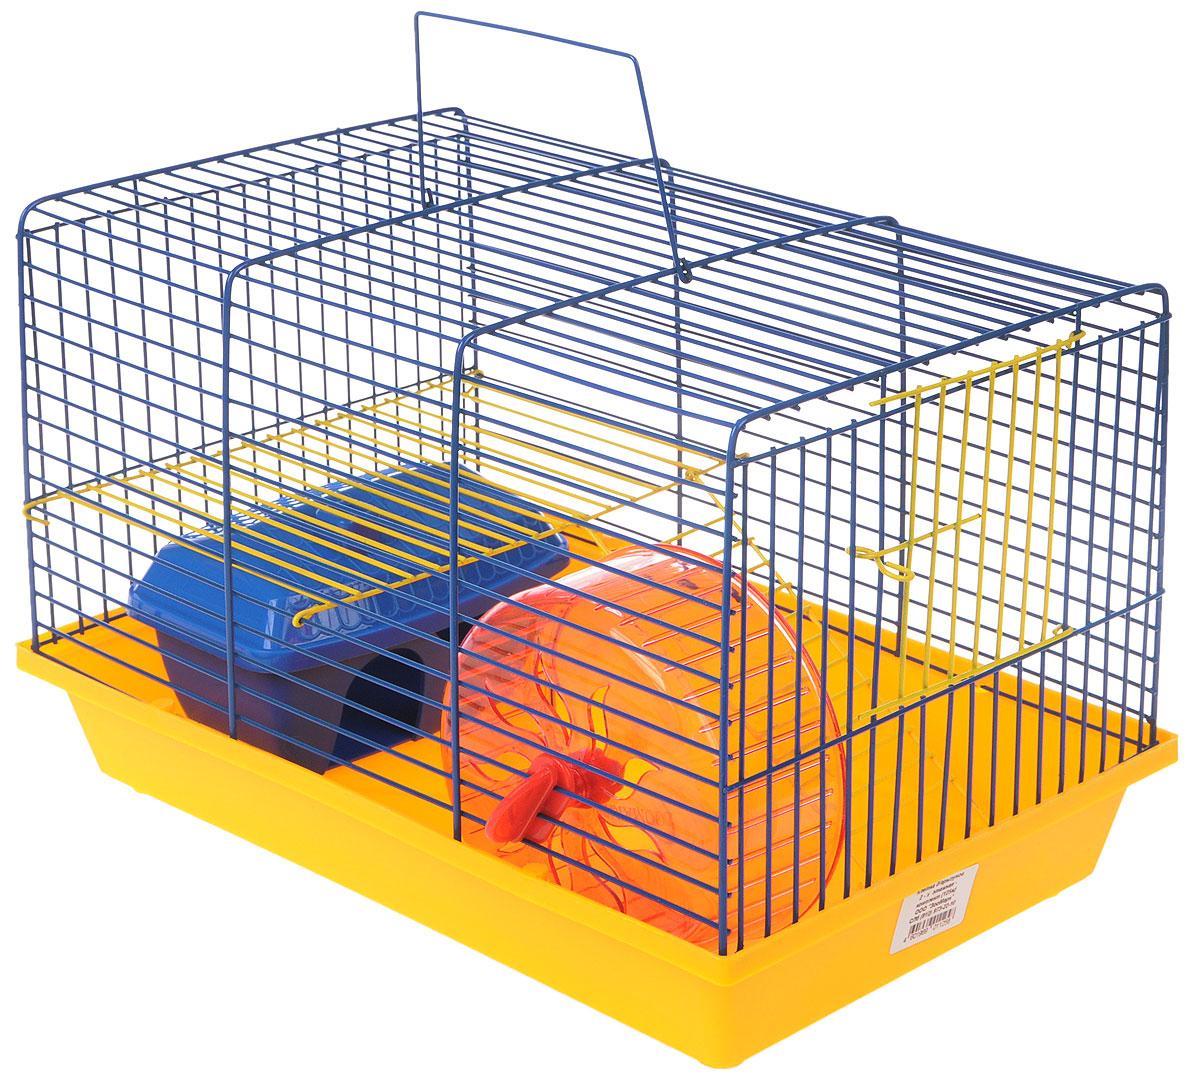 Клетка для грызунов ЗооМарк, 2-этажная, цвет: желтый поддон, синяя решетка, желтый этаж, 36 х 22 х 24 см125_желтый, синий, желтыйКлетка ЗооМарк, выполненная из полипропилена и металла, подходит для мелких грызунов. Изделие двухэтажное, оборудовано колесом для подвижных игр и пластиковым домиком. Клетка имеет яркий поддон, удобна в использовании и легко чистится. Сверху имеется ручка для переноски, а сбоку удобная дверца. Такая клетка станет уединенным личным пространством и уютным домиком для маленького грызуна.